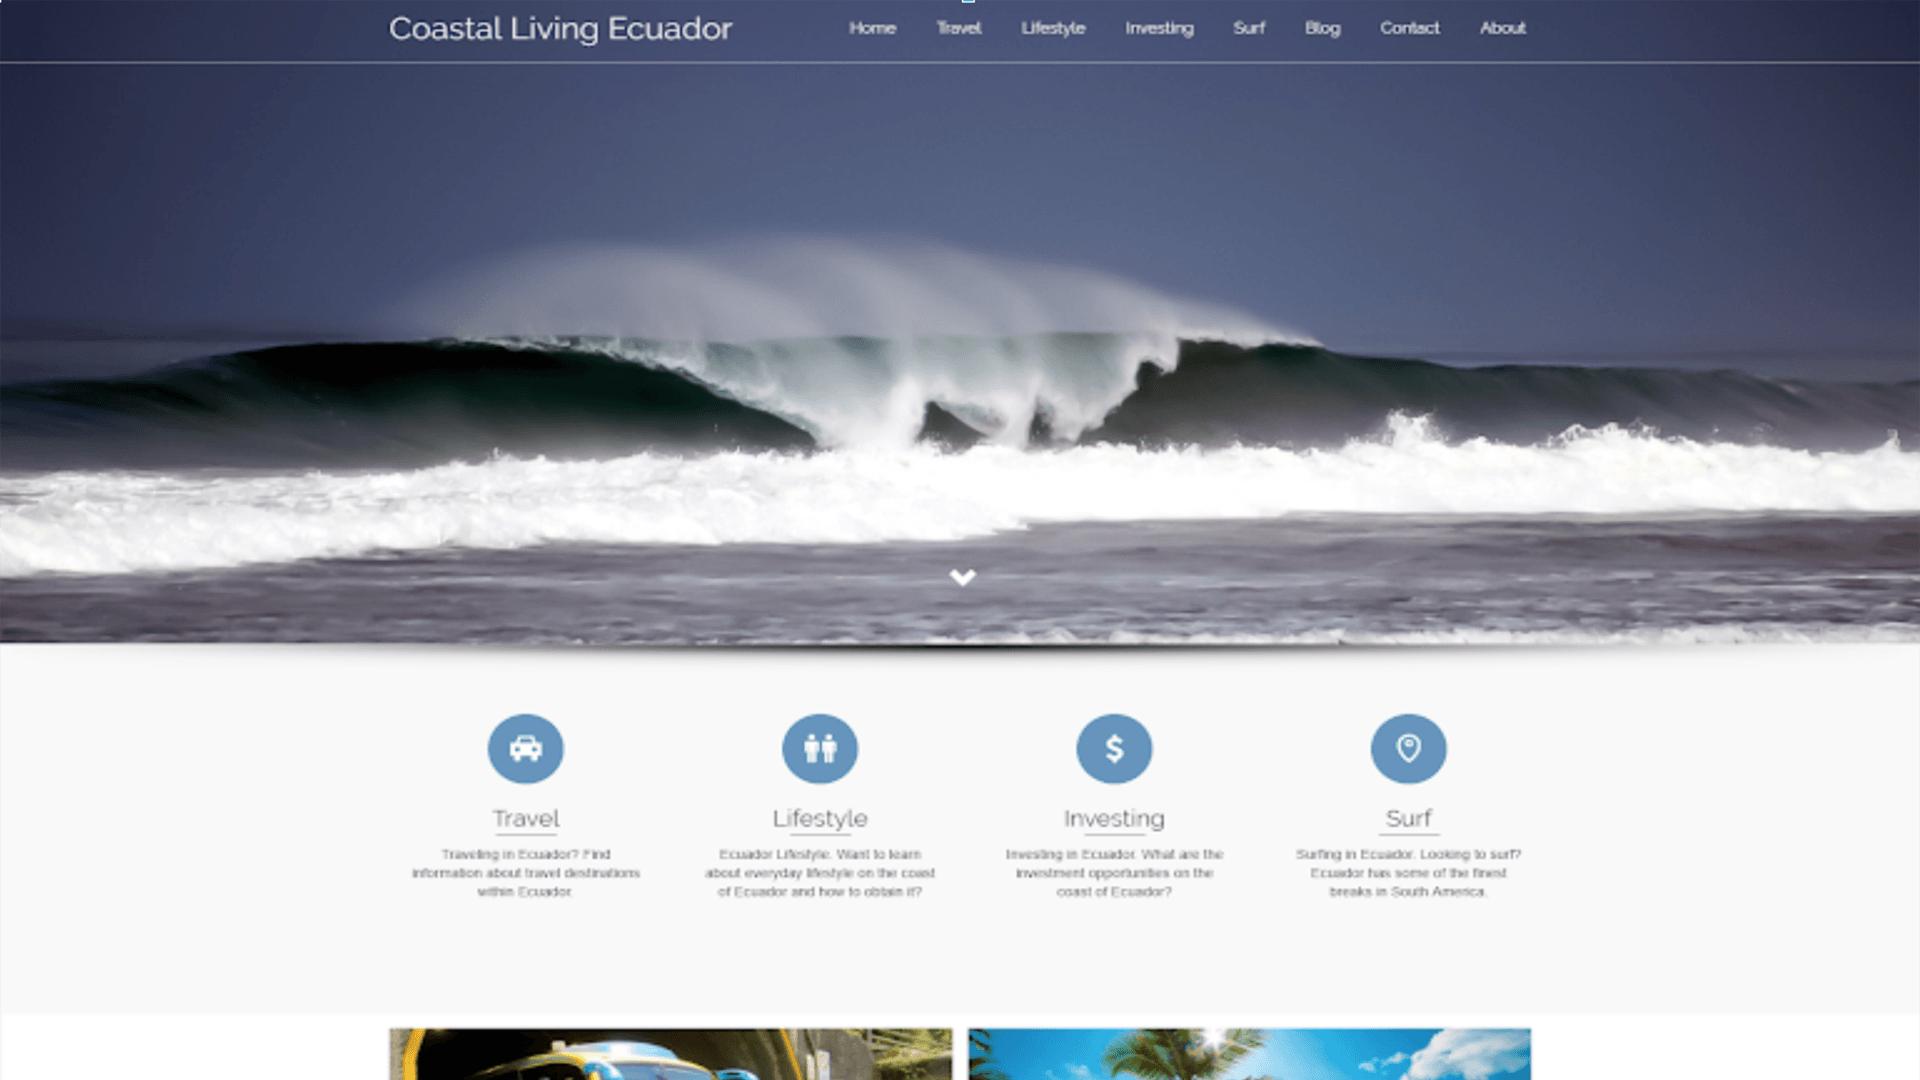 CASE STUDY: Coastal Living Ecuador 5